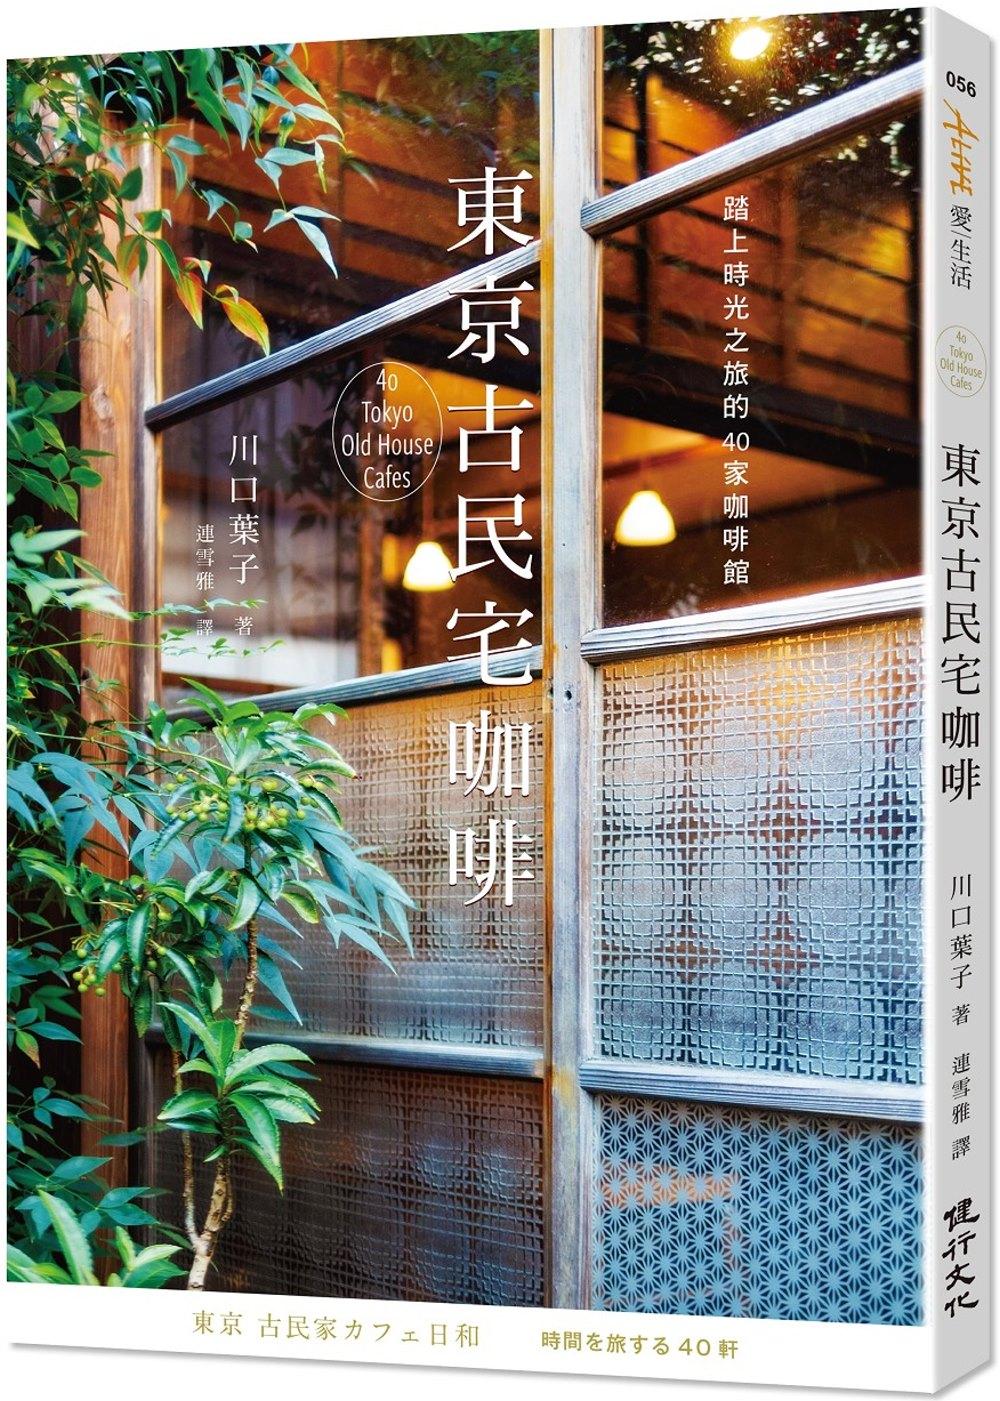 東京古民宅咖啡:踏上時光之旅的...